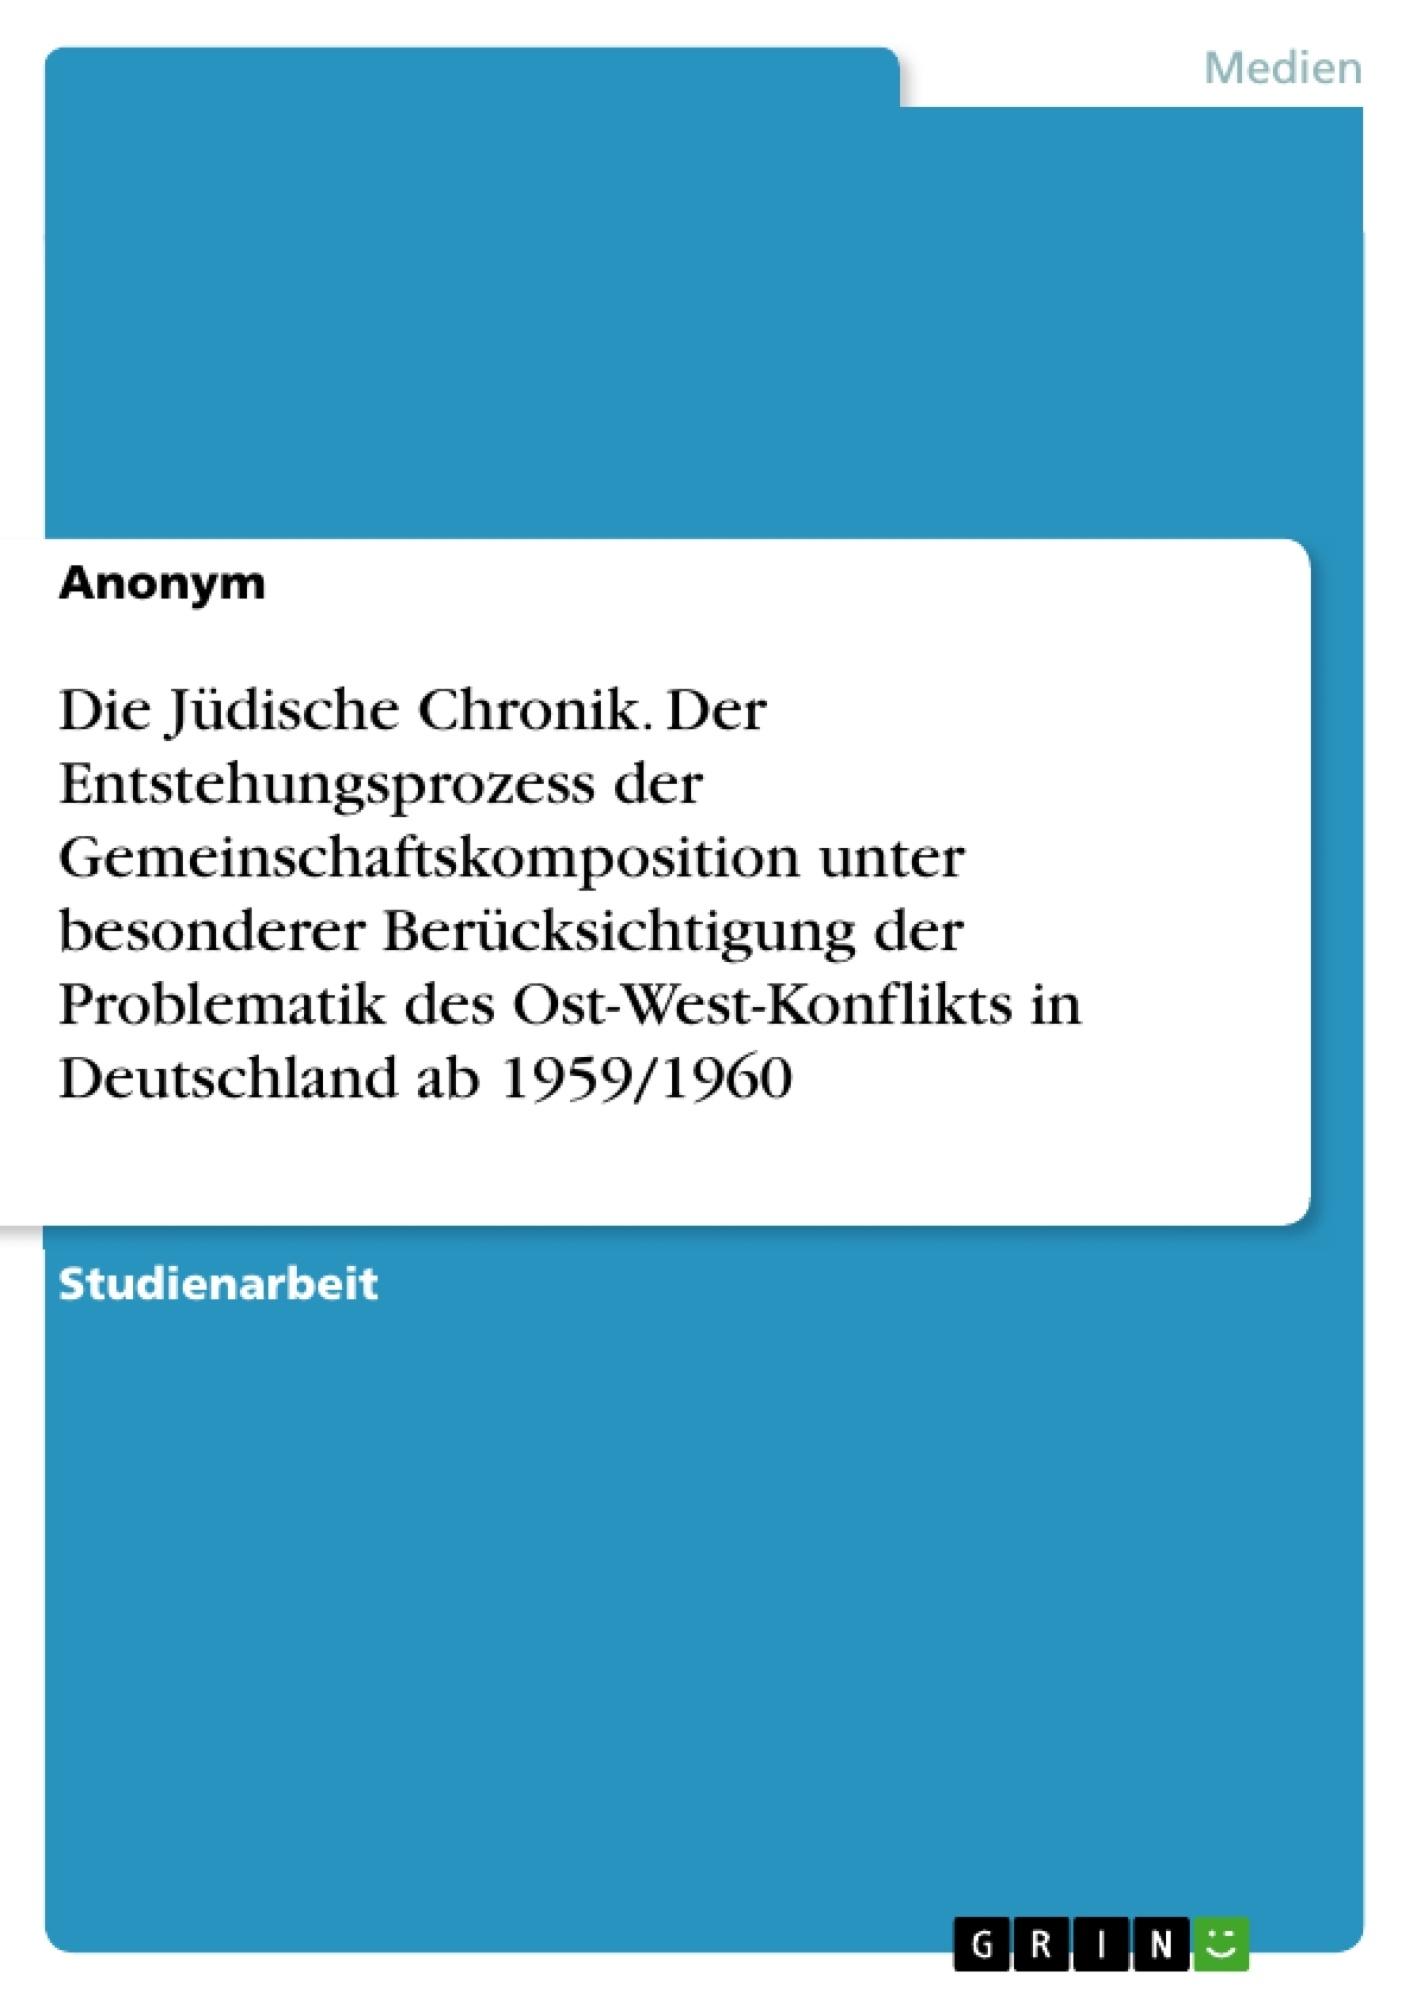 Titel: Die Jüdische Chronik. Der Entstehungsprozess der Gemeinschaftskomposition unter besonderer Berücksichtigung der Problematik des Ost-West-Konflikts in Deutschland ab 1959/1960